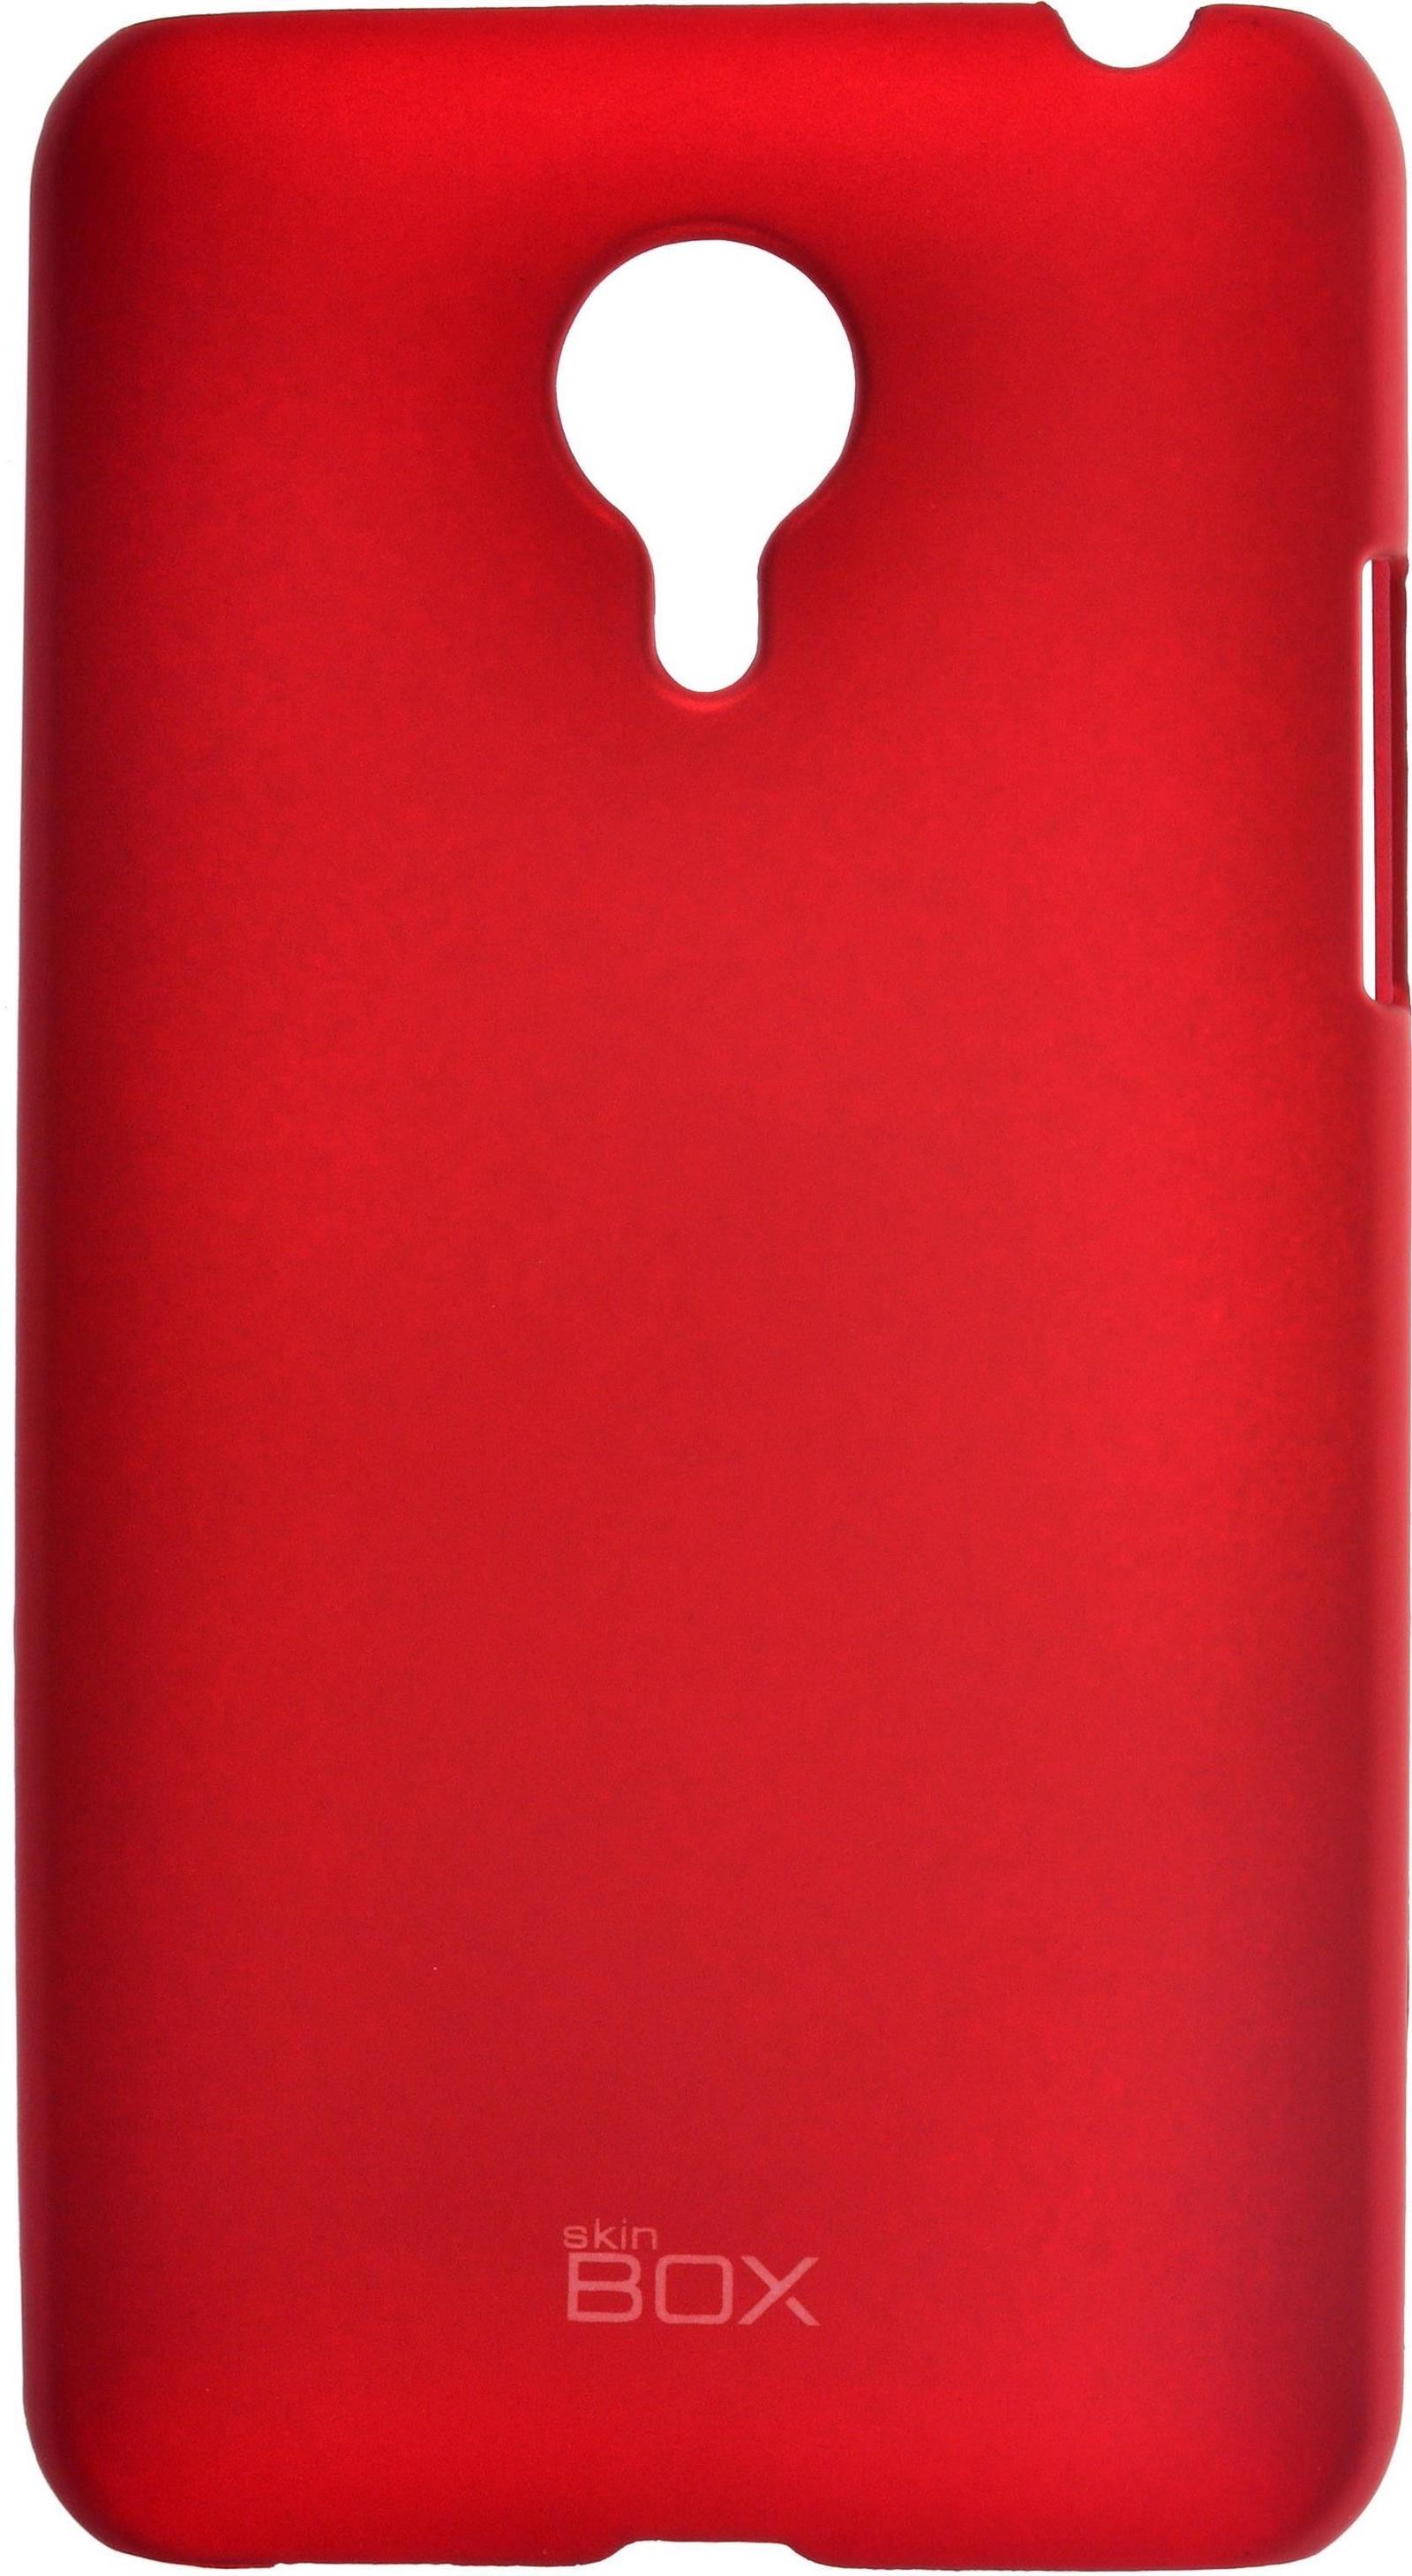 Чехол для сотового телефона skinBOX 4People, 4630042526945, красный чехол для сотового телефона skinbox 4people 4630042528994 красный